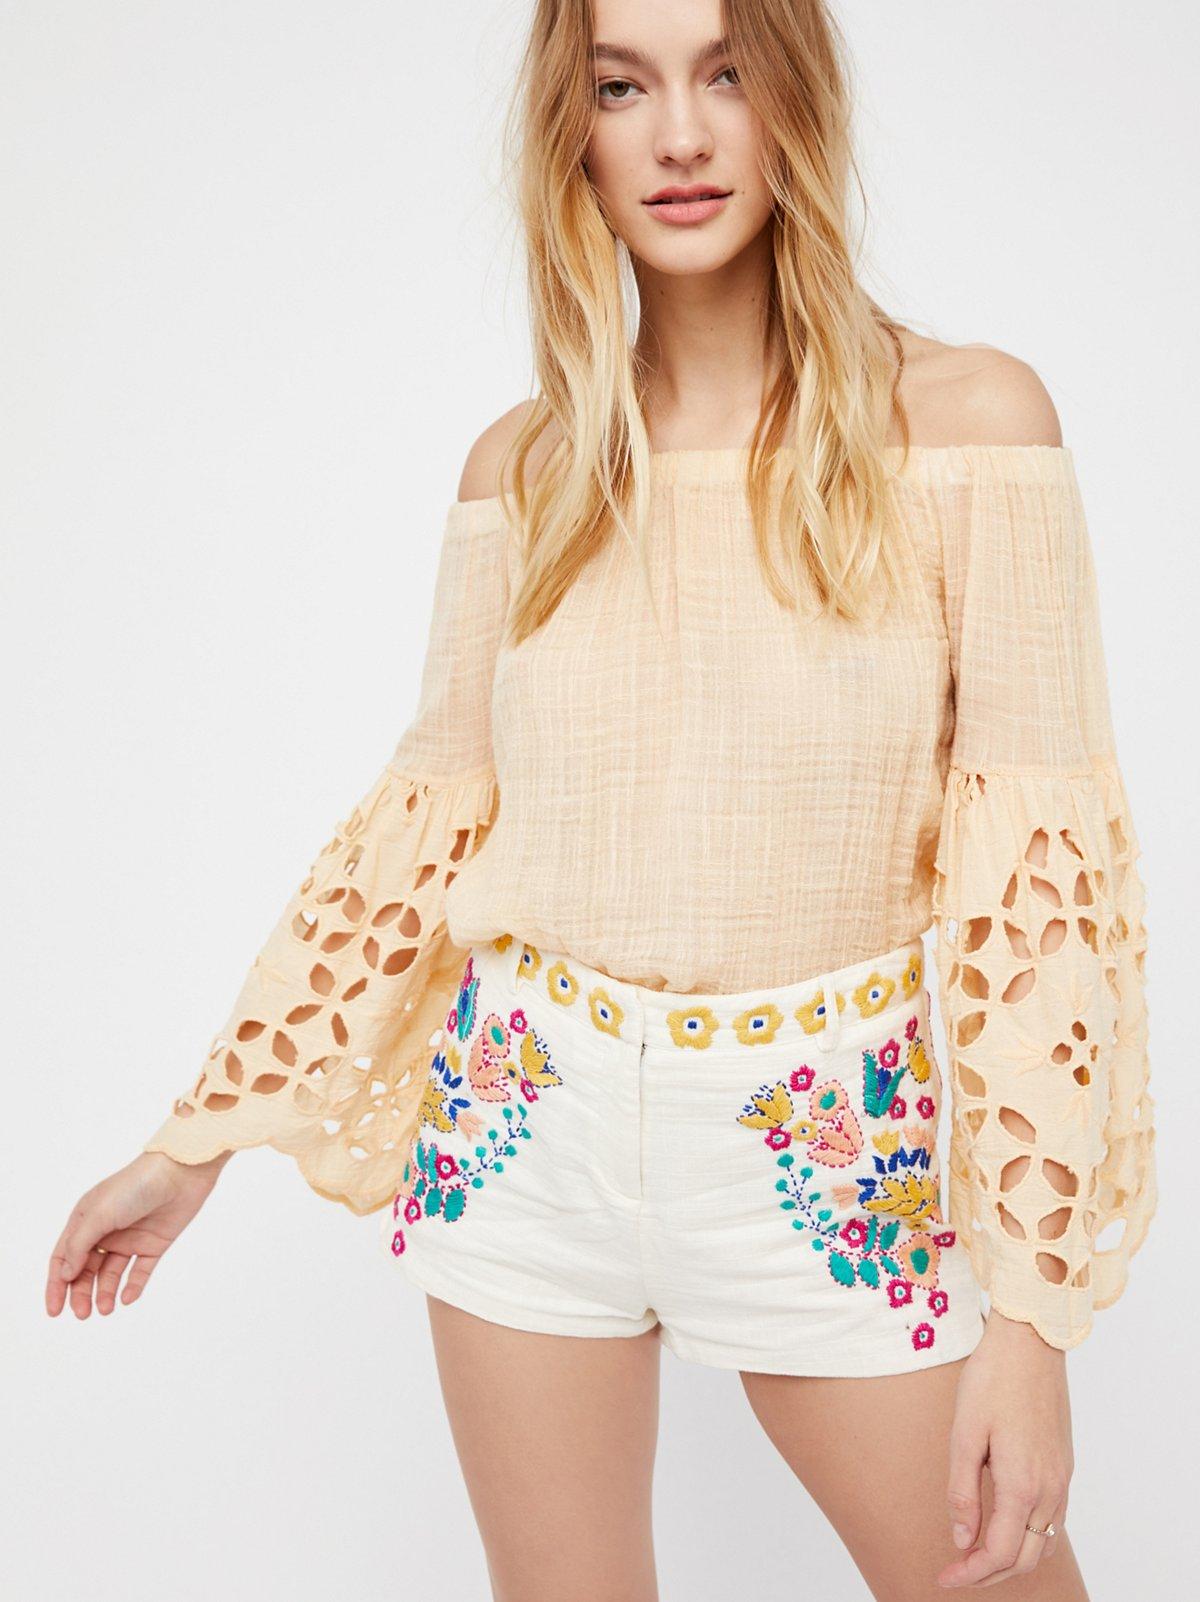 Alyssa短裤